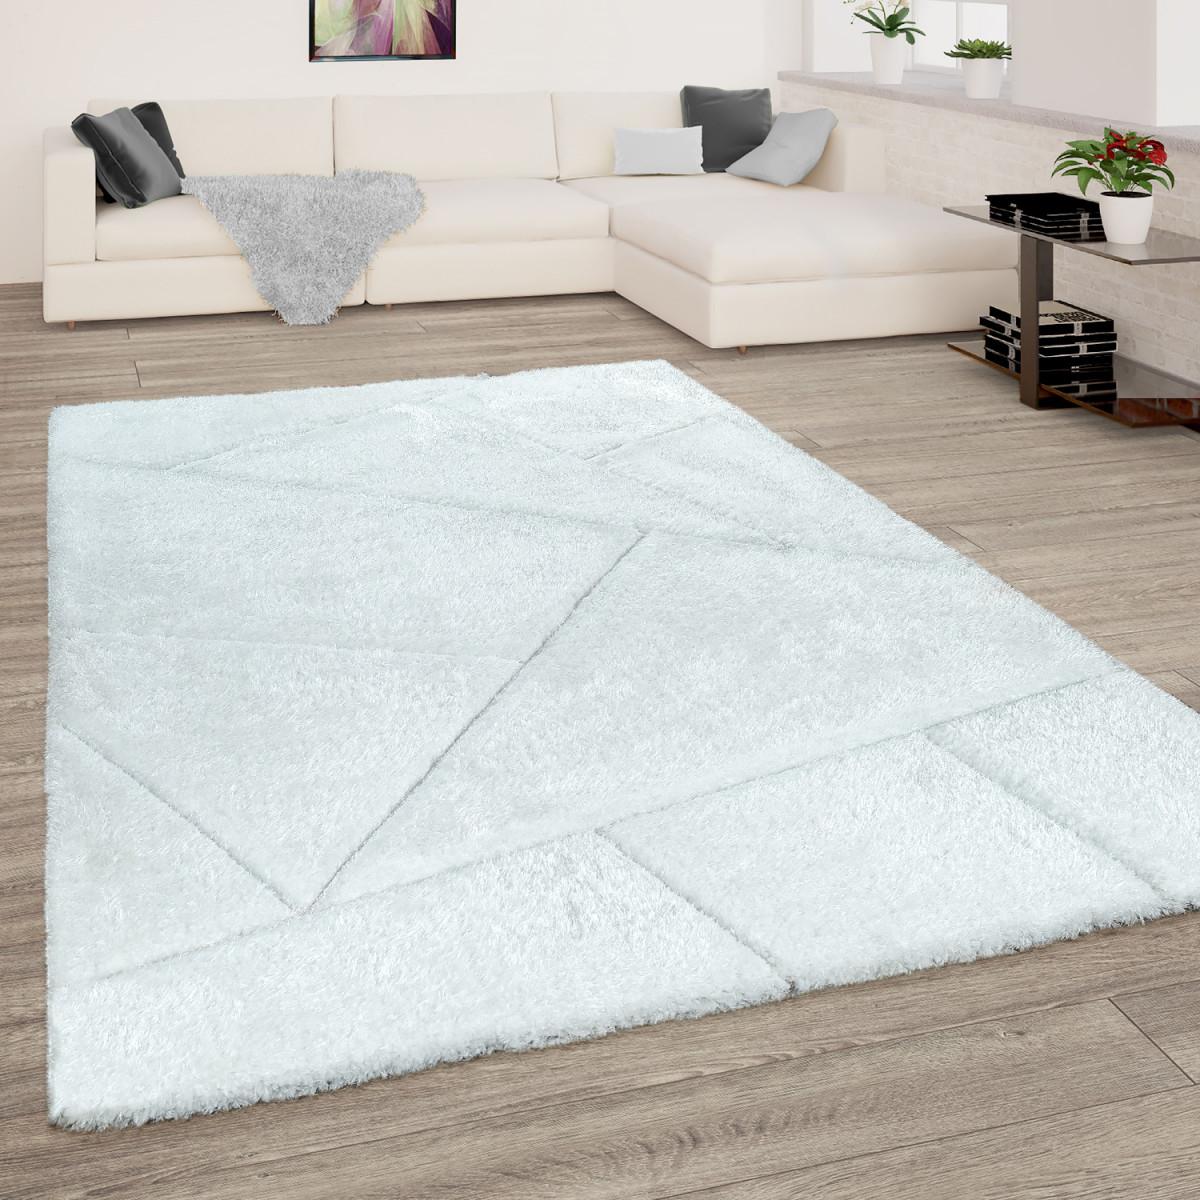 Hochflor Teppich Wohnzimmer Weiß Shaggy Weich Flauschig Muster 3D Design  Robust von Weisser Teppich Wohnzimmer Photo